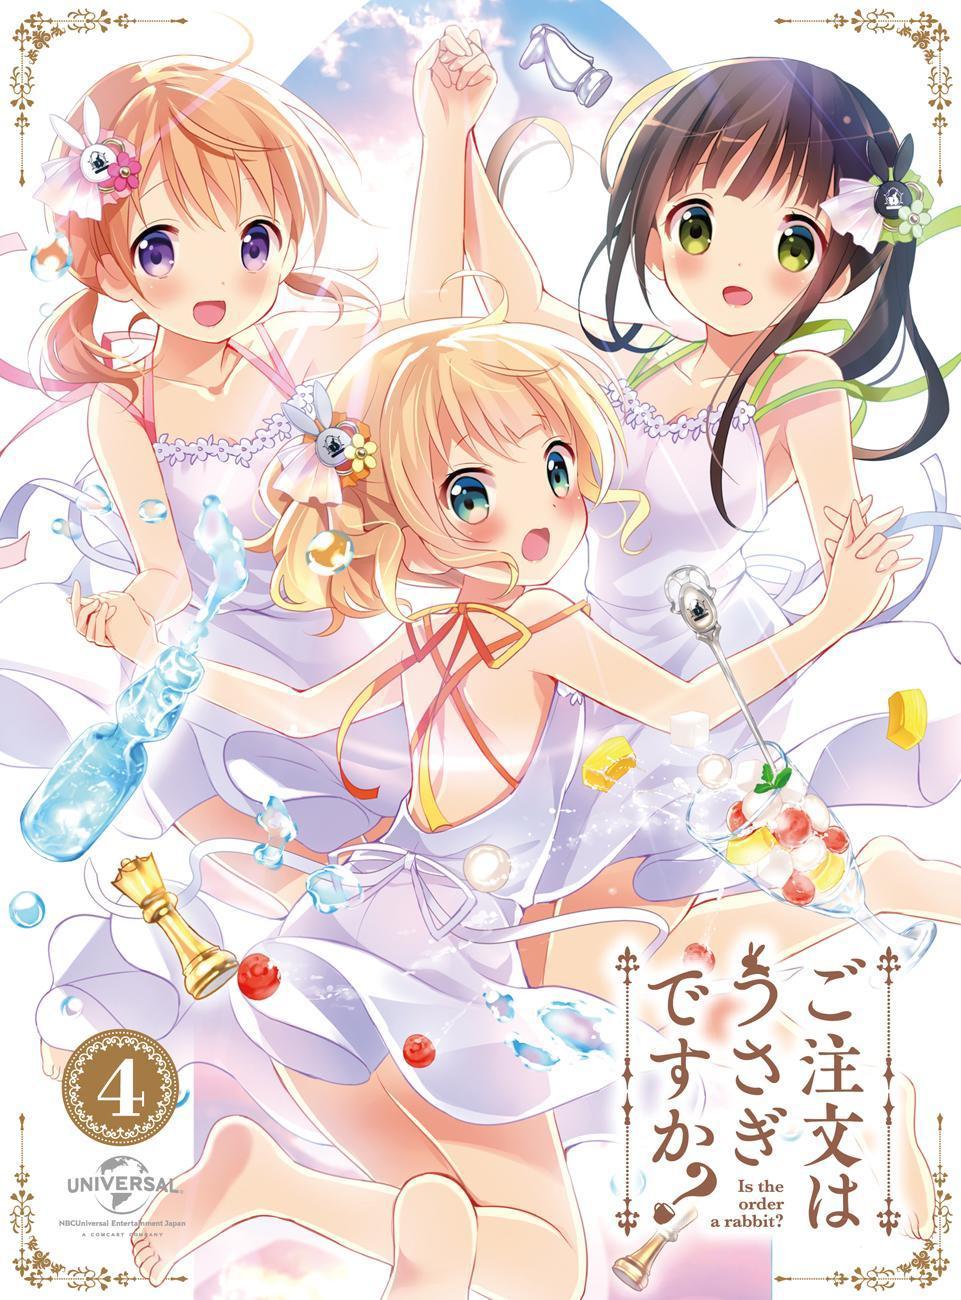 Gochuumon wa Usagi Desu ka Blu-ray Volume 4 GochiUsa Is the order a rabbit anime haruhichan.com ご注文はうさぎですか